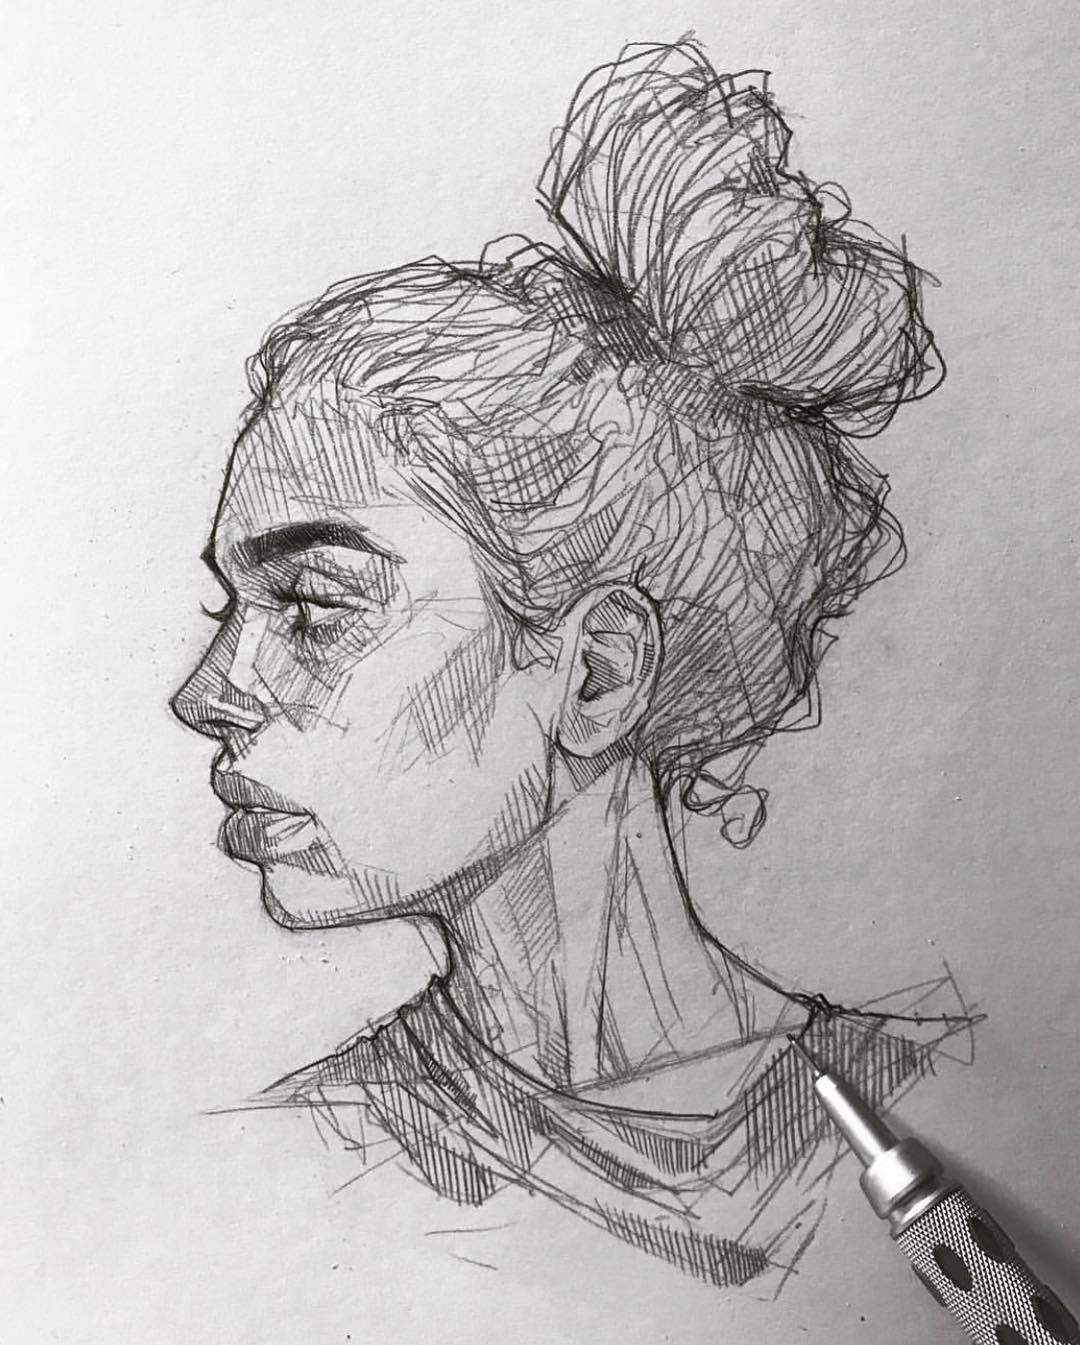 Pencil Sketch Artist Efrain Malo Drawing Artwoonz Sketchbook Drawings Art Sketches Sketches